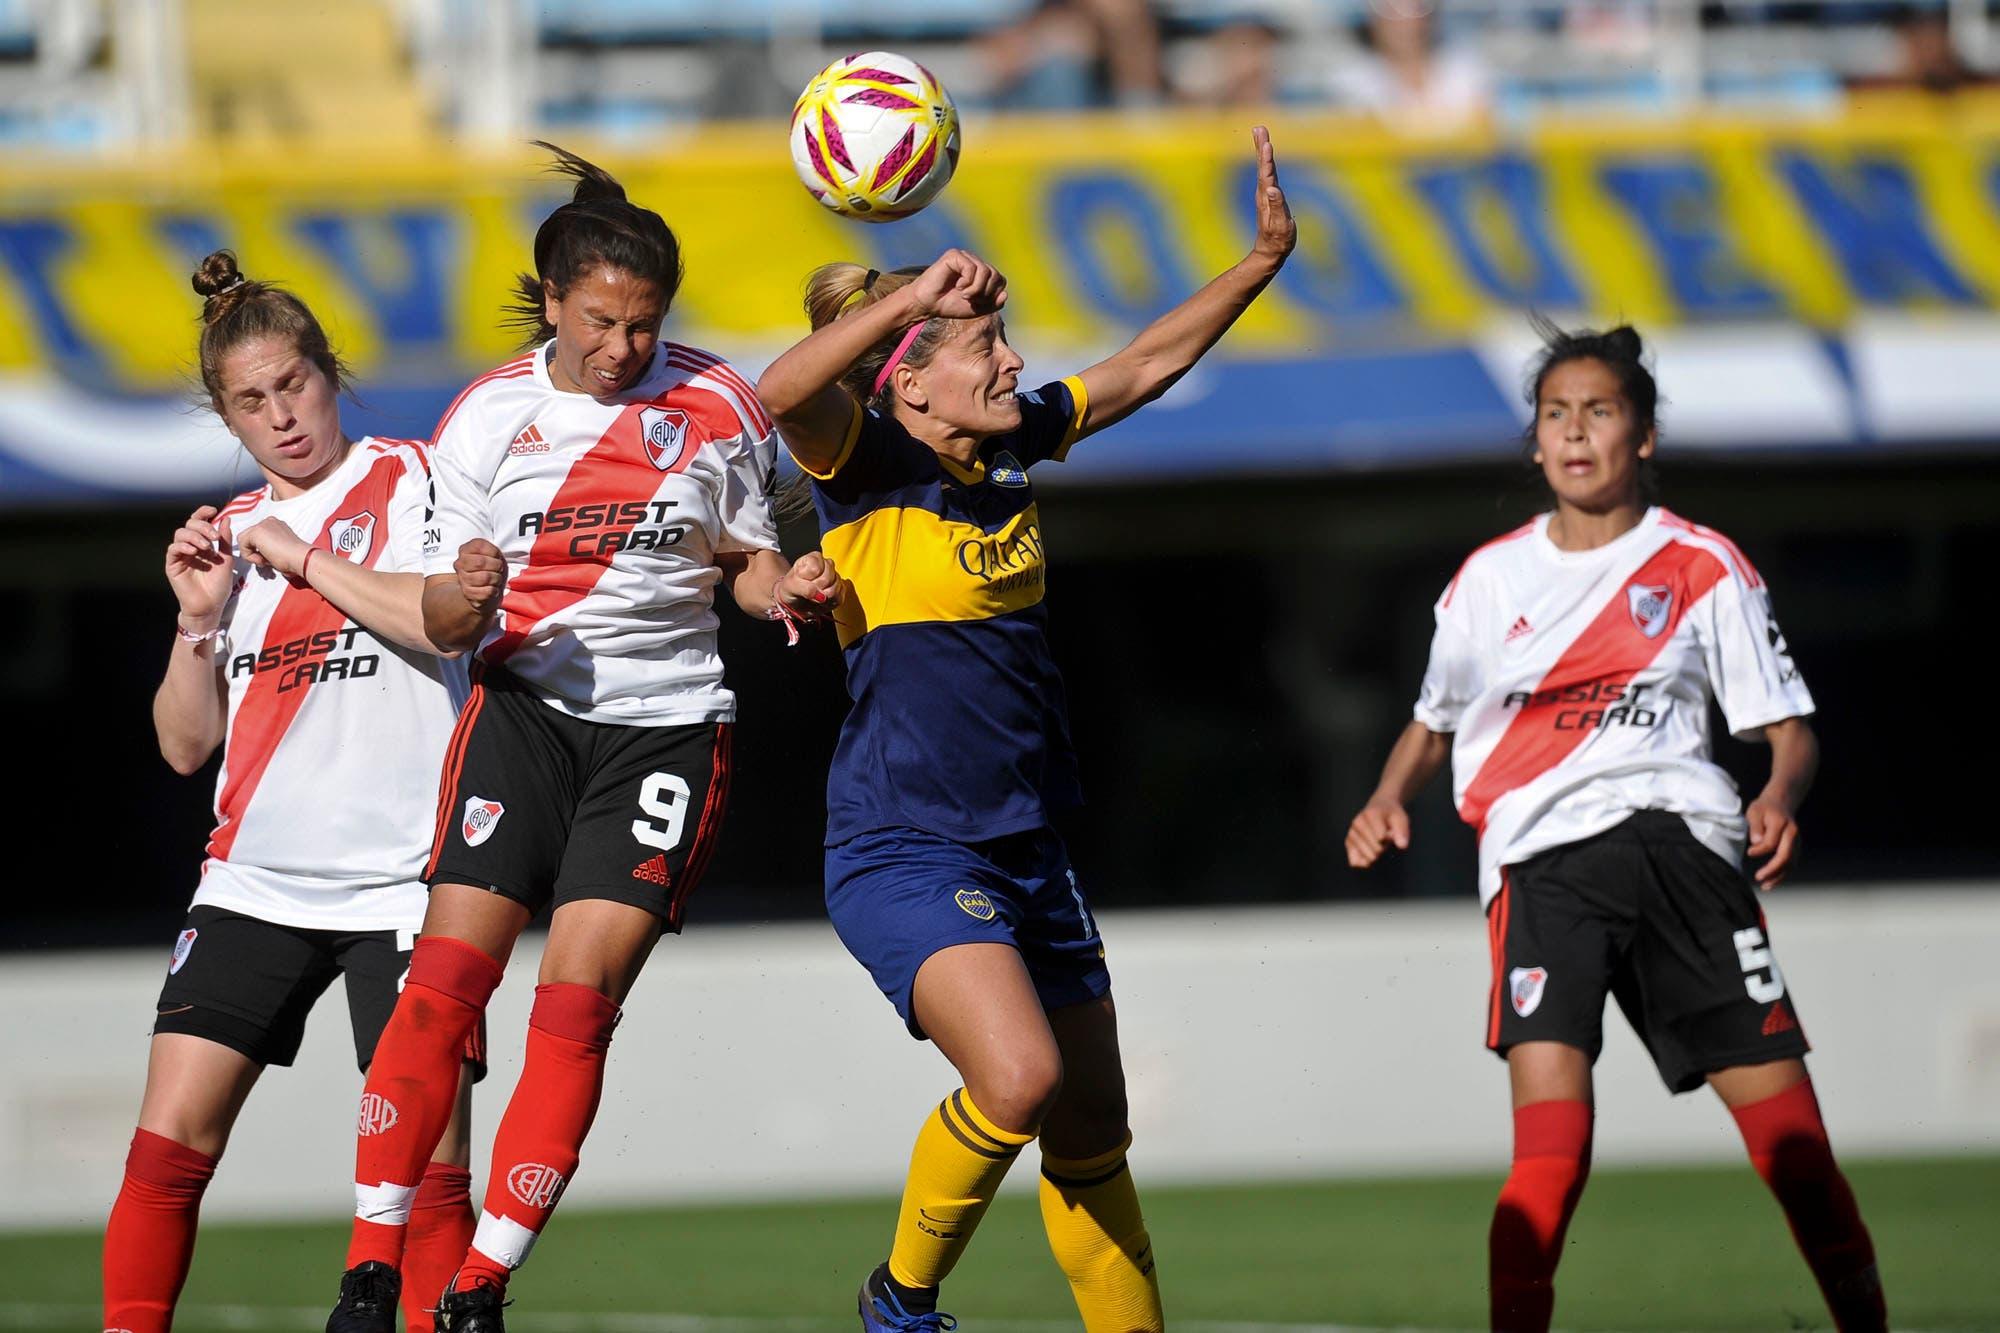 Superclásico histórico: Boca y River definirán por primera vez el campeonato femenino profesional